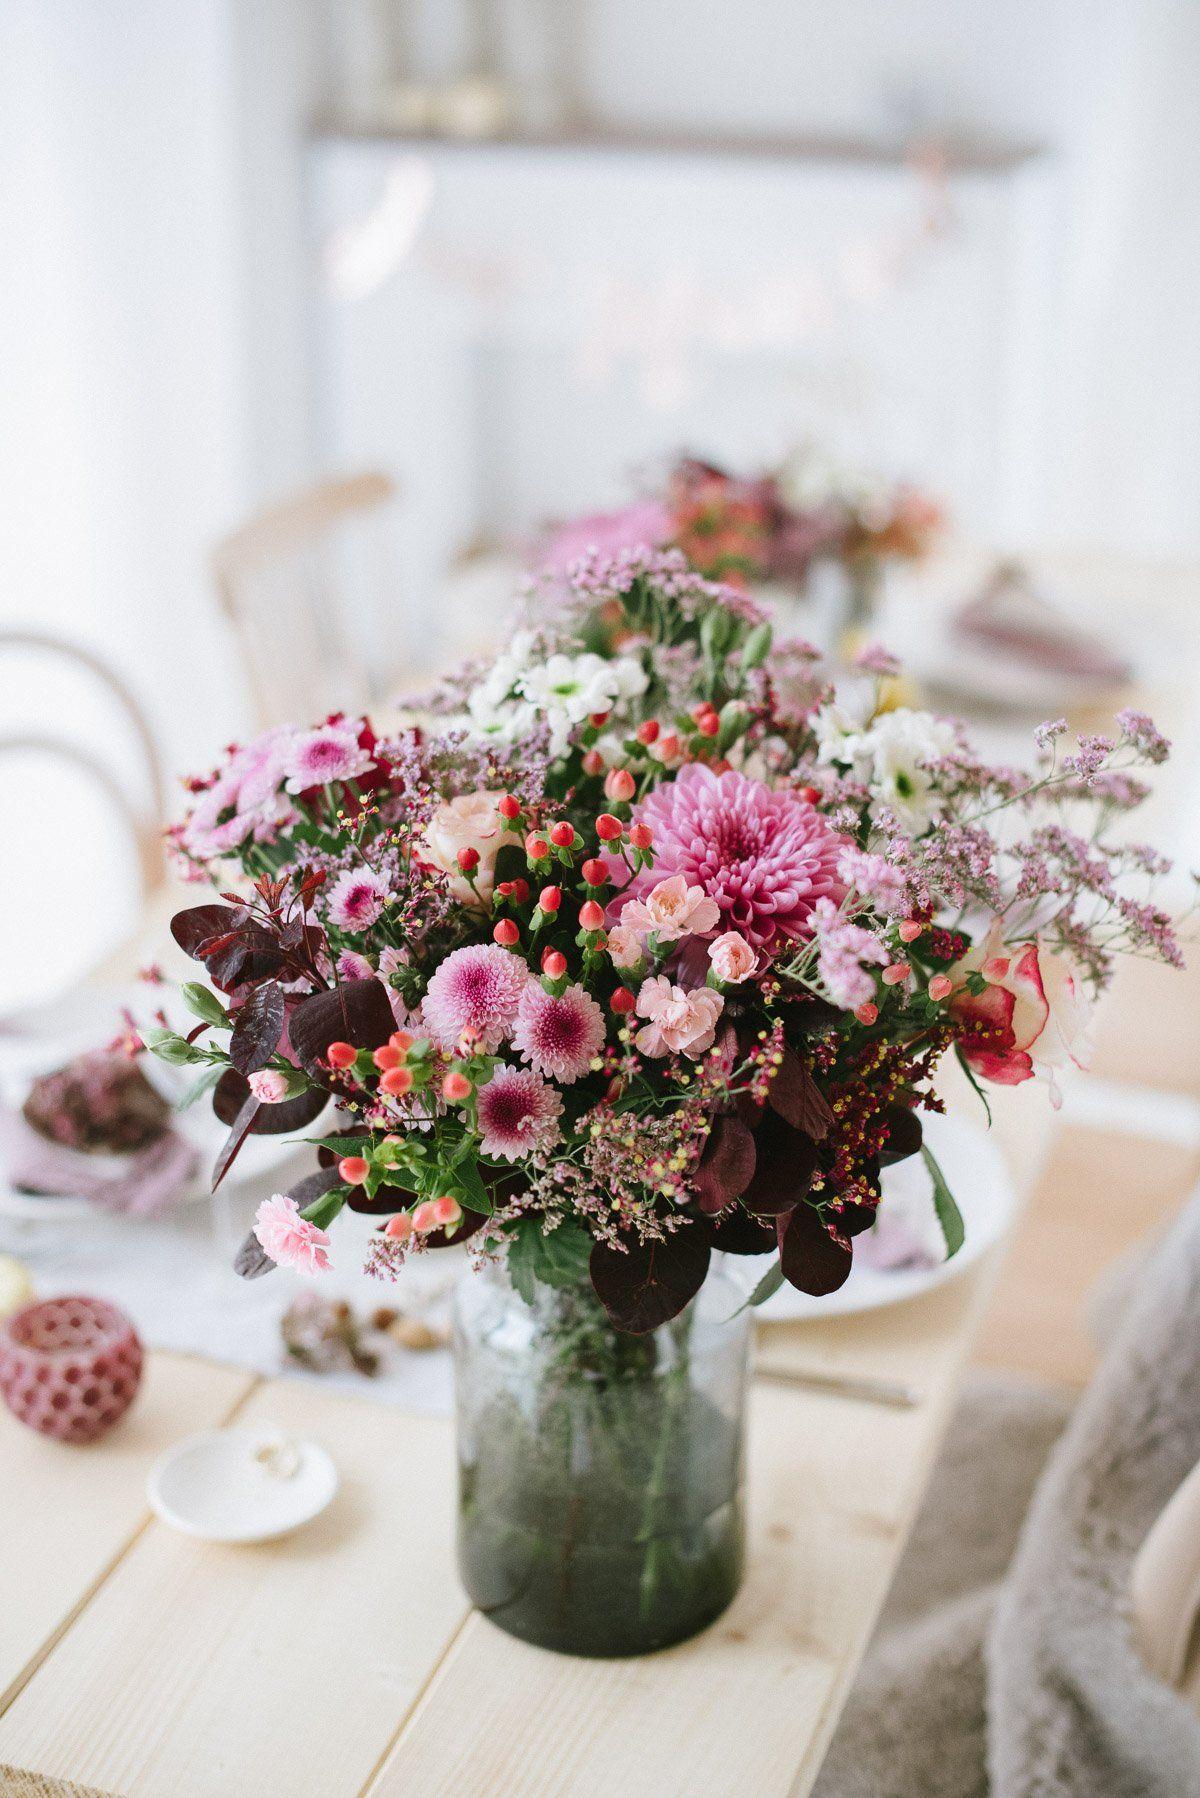 Chrysanthemen, Beeren, Nüsse, Leinen – Dekoration einer Herbsthochzeit – Fräulein K. Sagt Ja Hochzeitsblog – Boda fotos